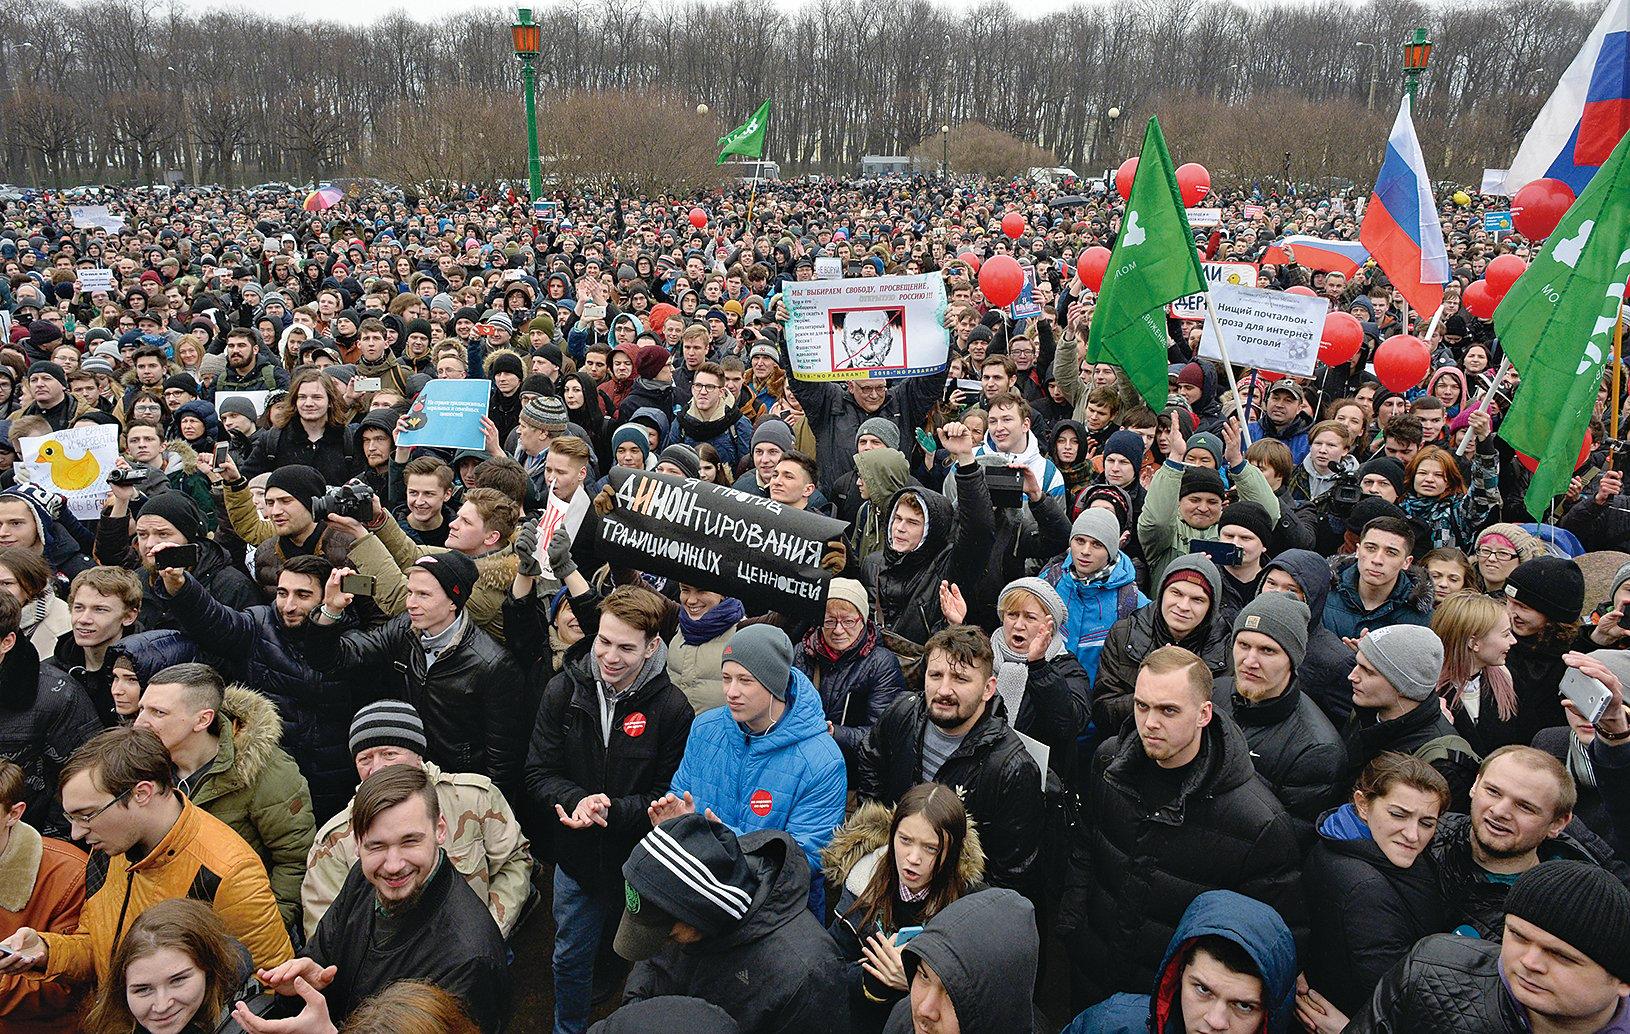 俄羅斯26日多個大城市爆發大規模反腐敗示威,其中有數百名抗議者遭拘捕。美國政府譴責俄國官方拘捕抗議者。(AFP)